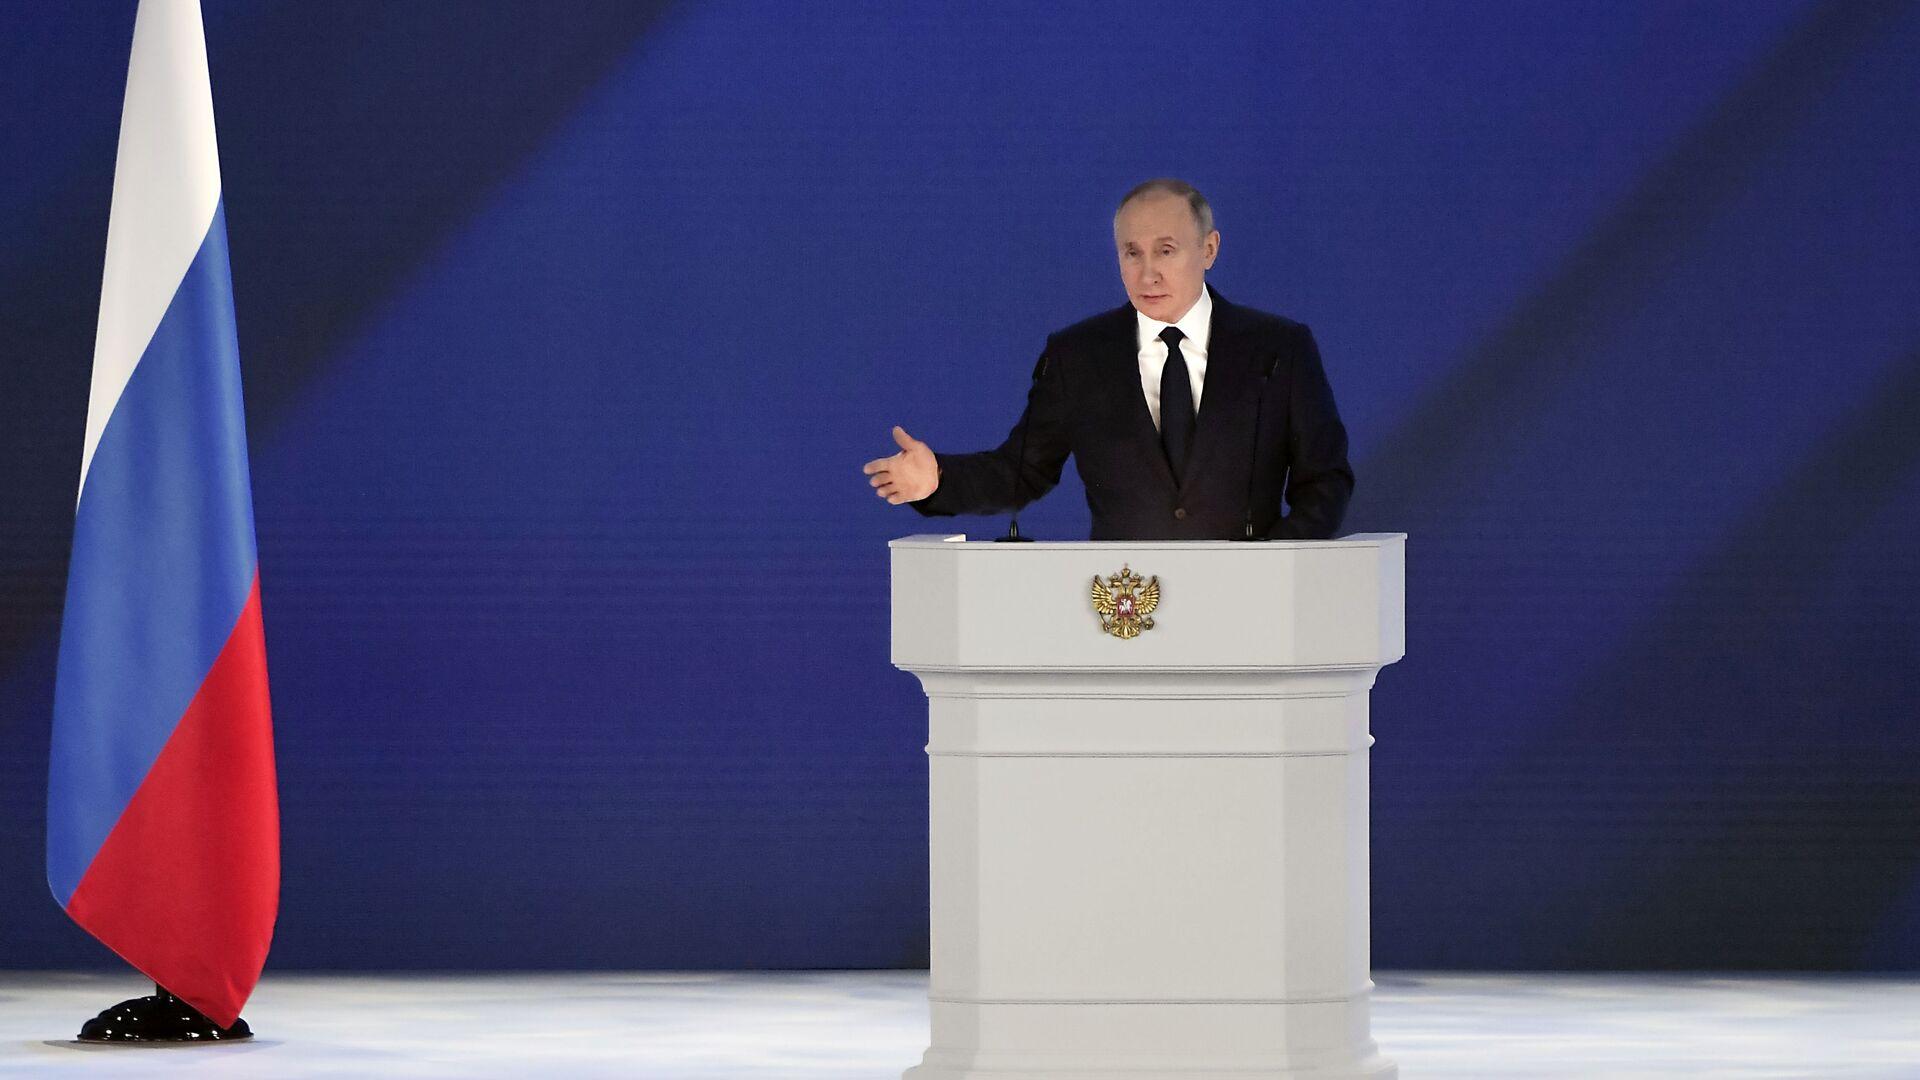 Ruský prezident Vladimir Putin vystoupil s poselstvím Federálnímu shromáždění - Sputnik Česká republika, 1920, 22.06.2021